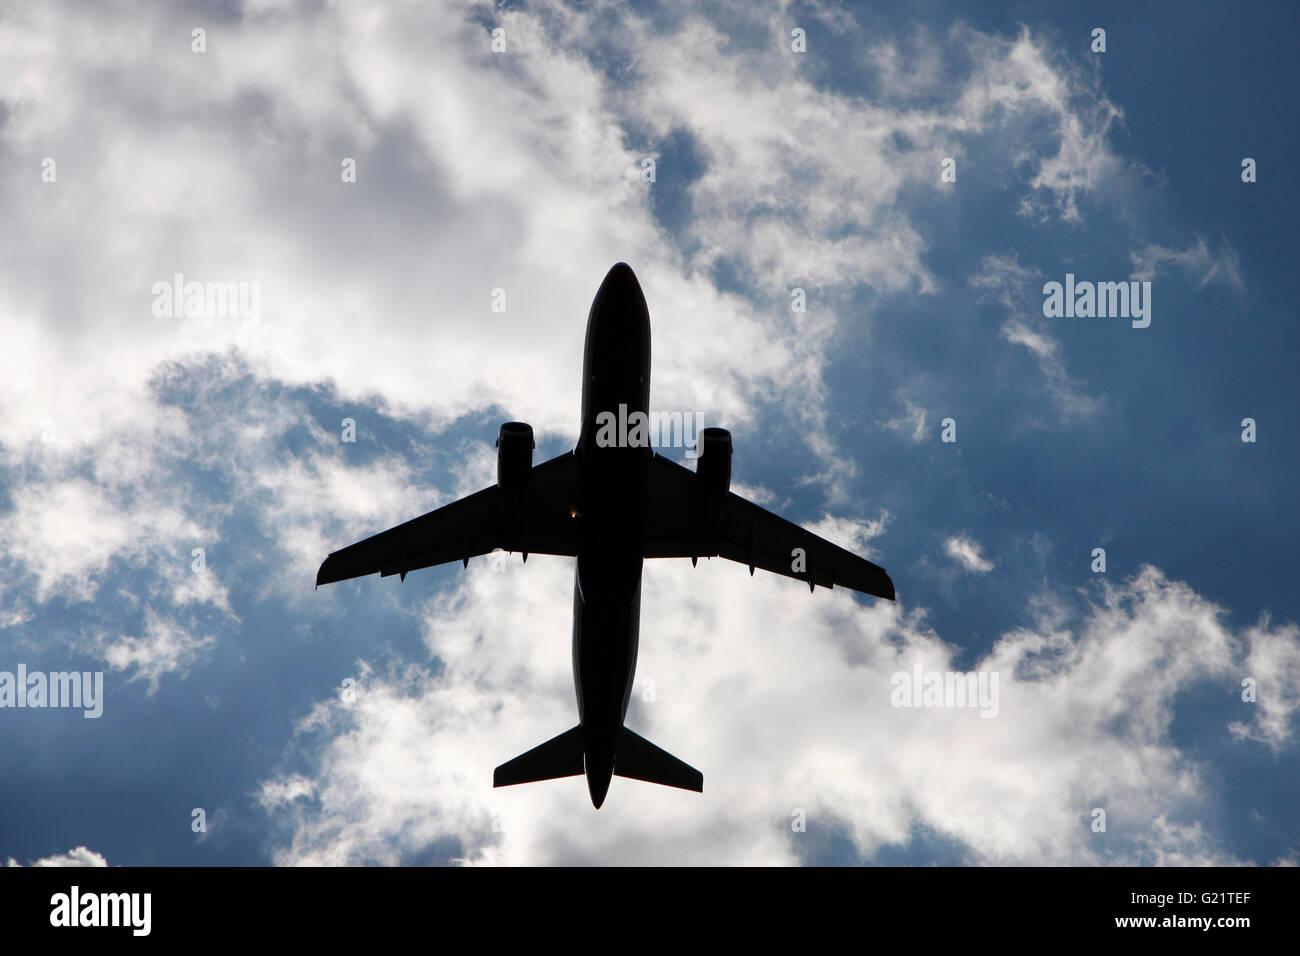 Flugzeug. - Stock Image